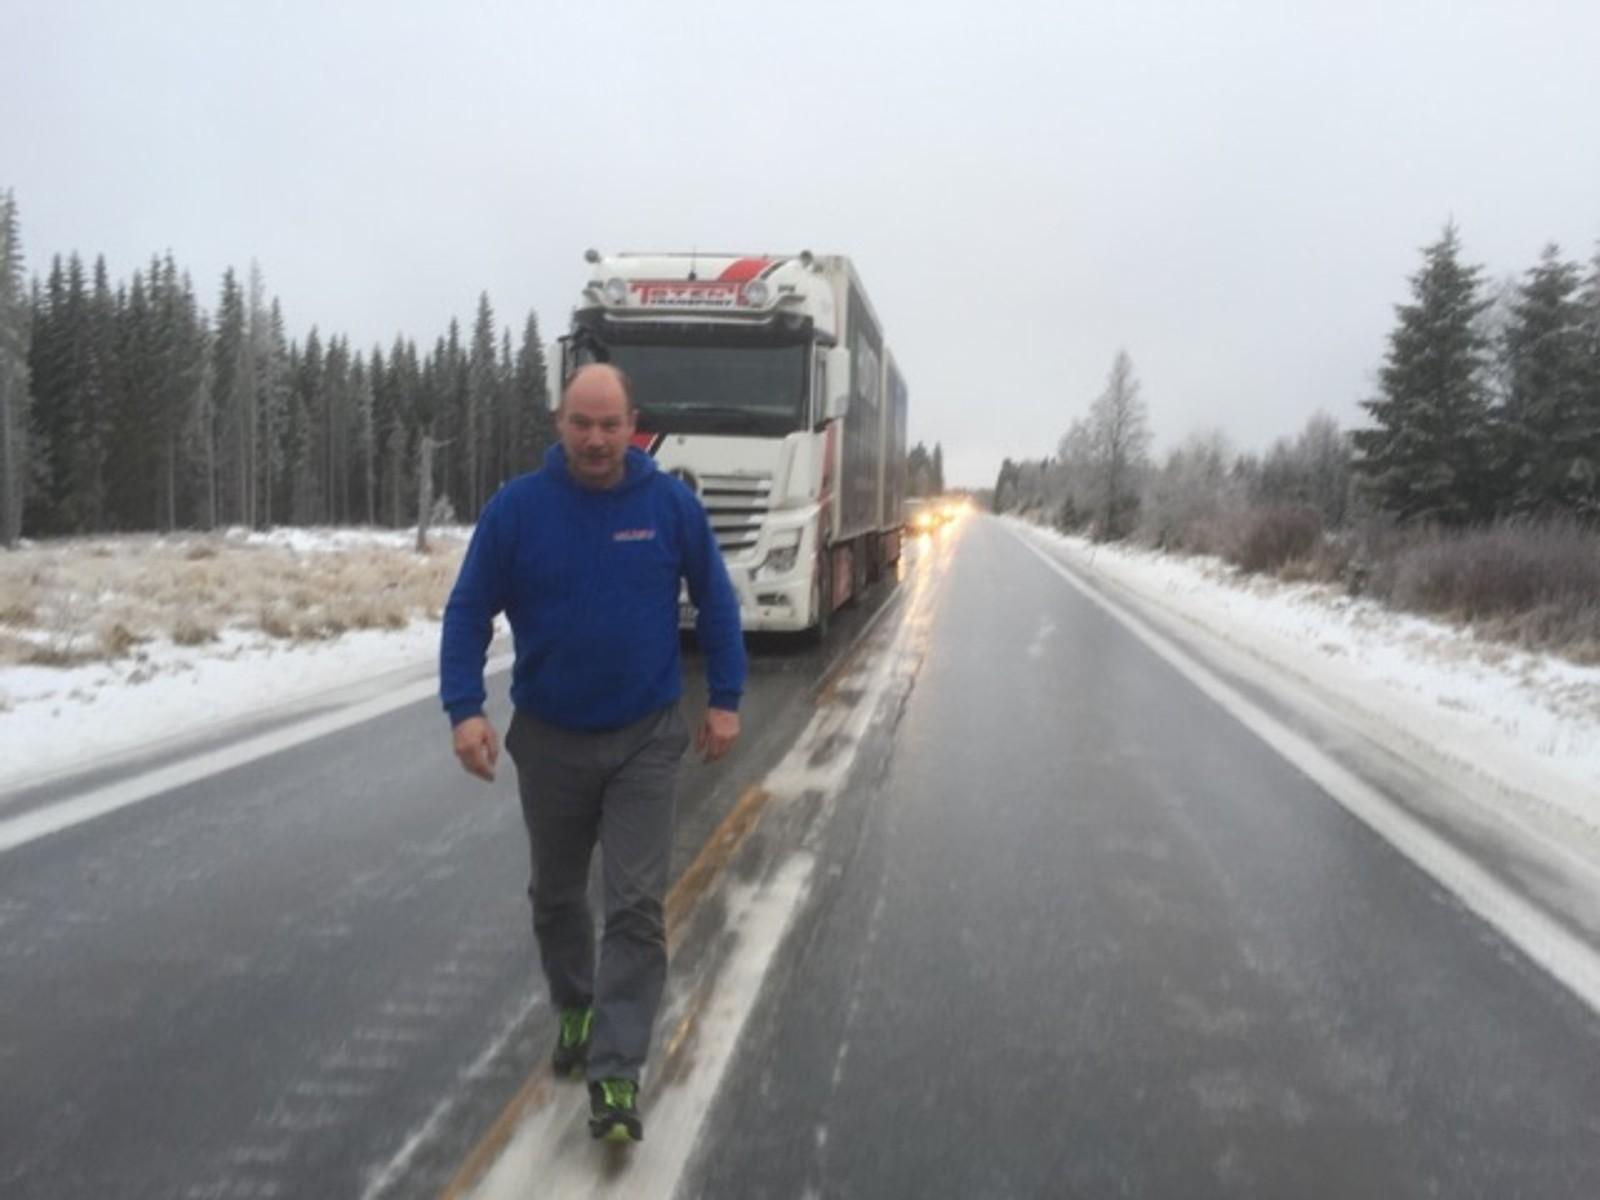 Leif Egil Larsen fra Toten transport forteller at det er svært glatt og vanskelige kjøreforhold.